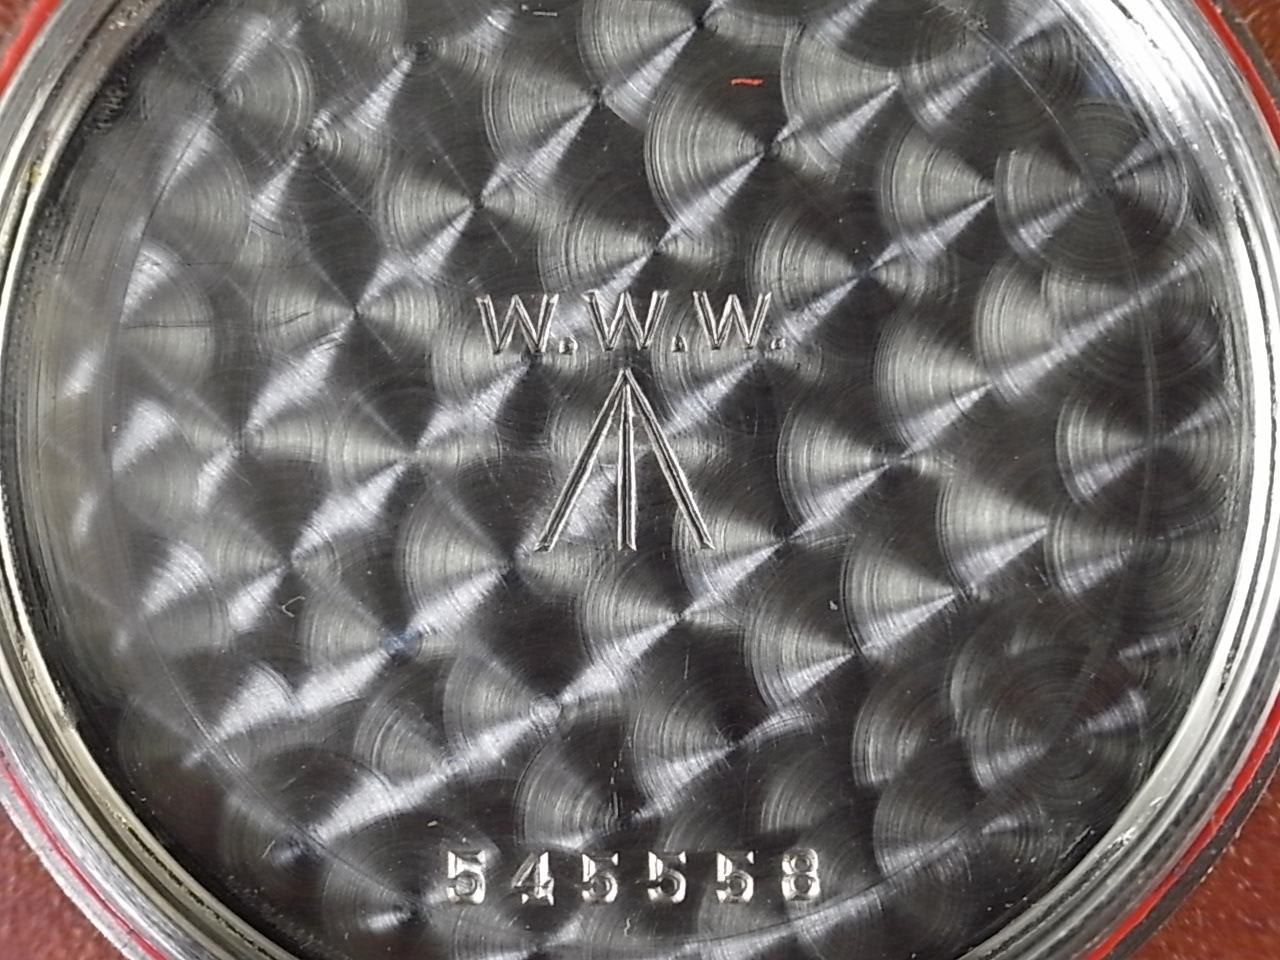 レコード 軍用時計 イギリス陸軍 W.W.W. 第二次世界大戦 1940年代の写真6枚目